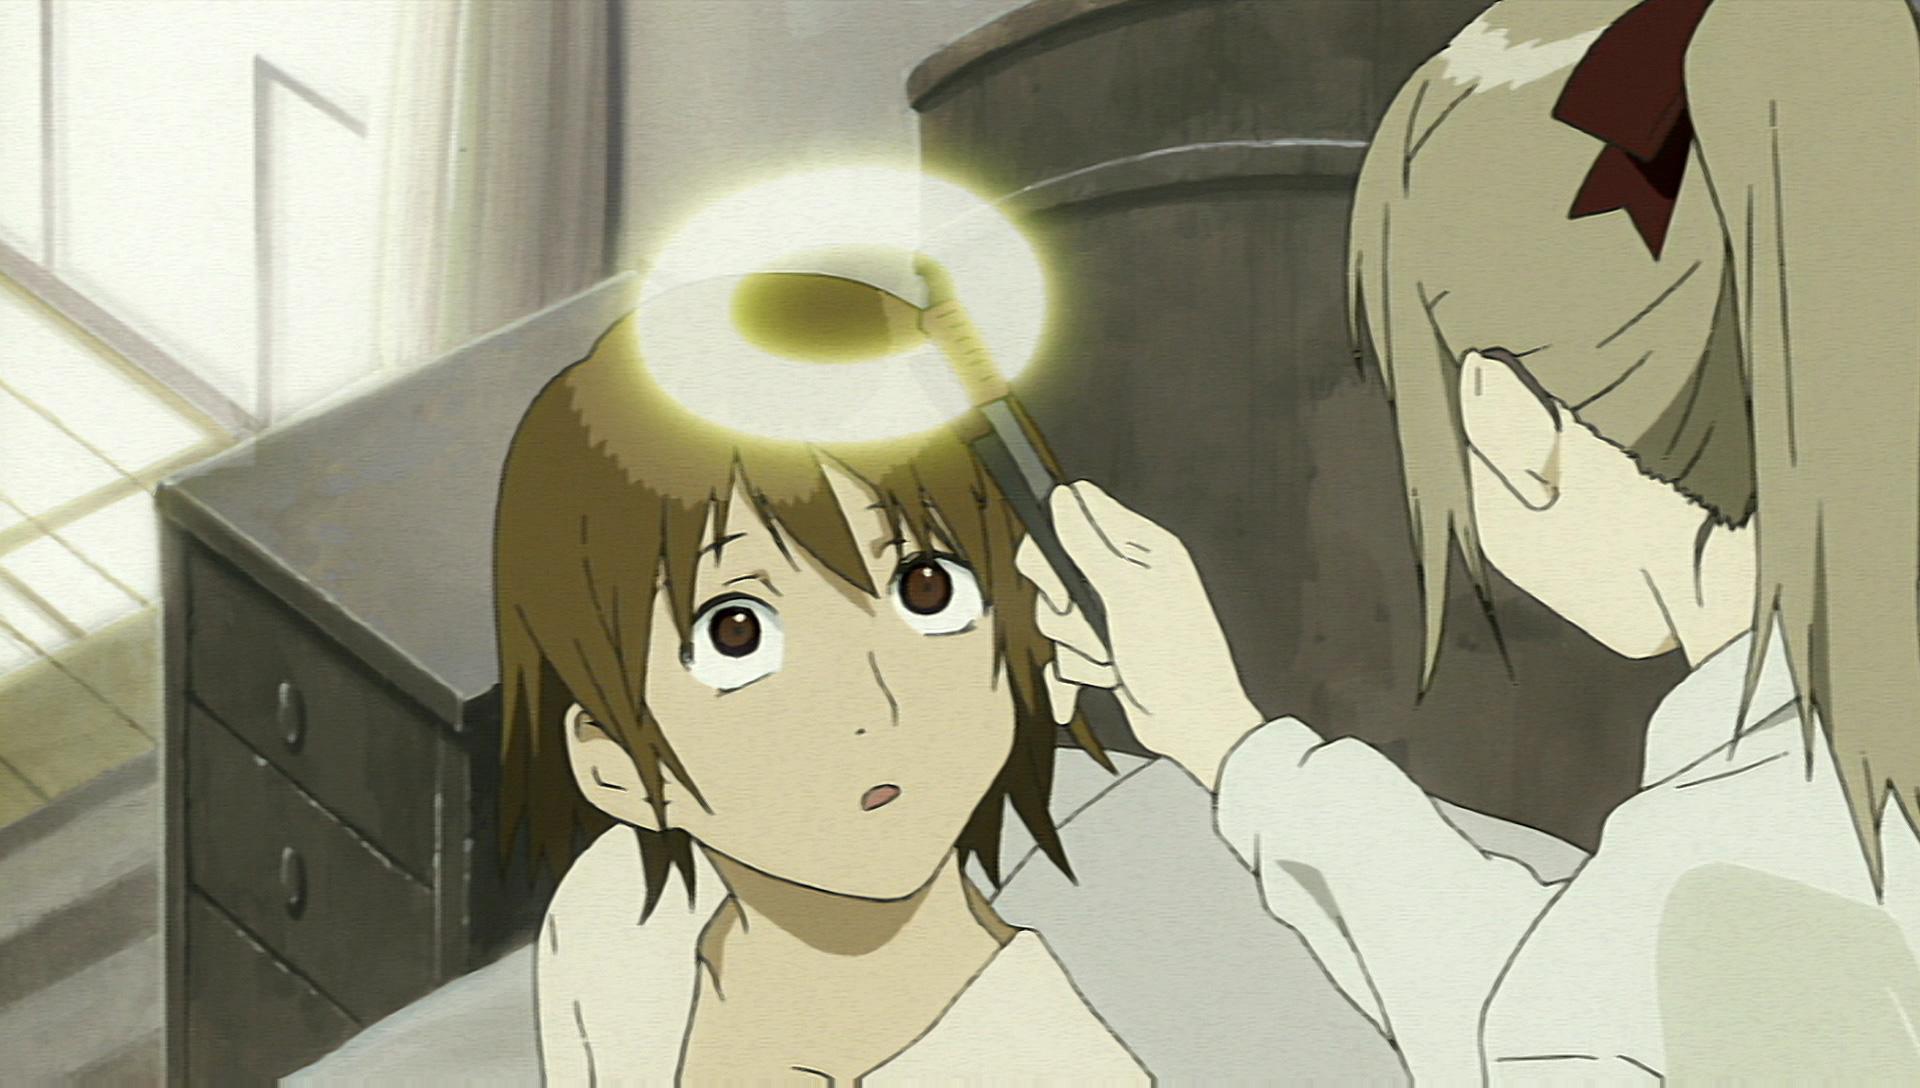 Kết quả hình ảnh cho Haibane Renmei anime